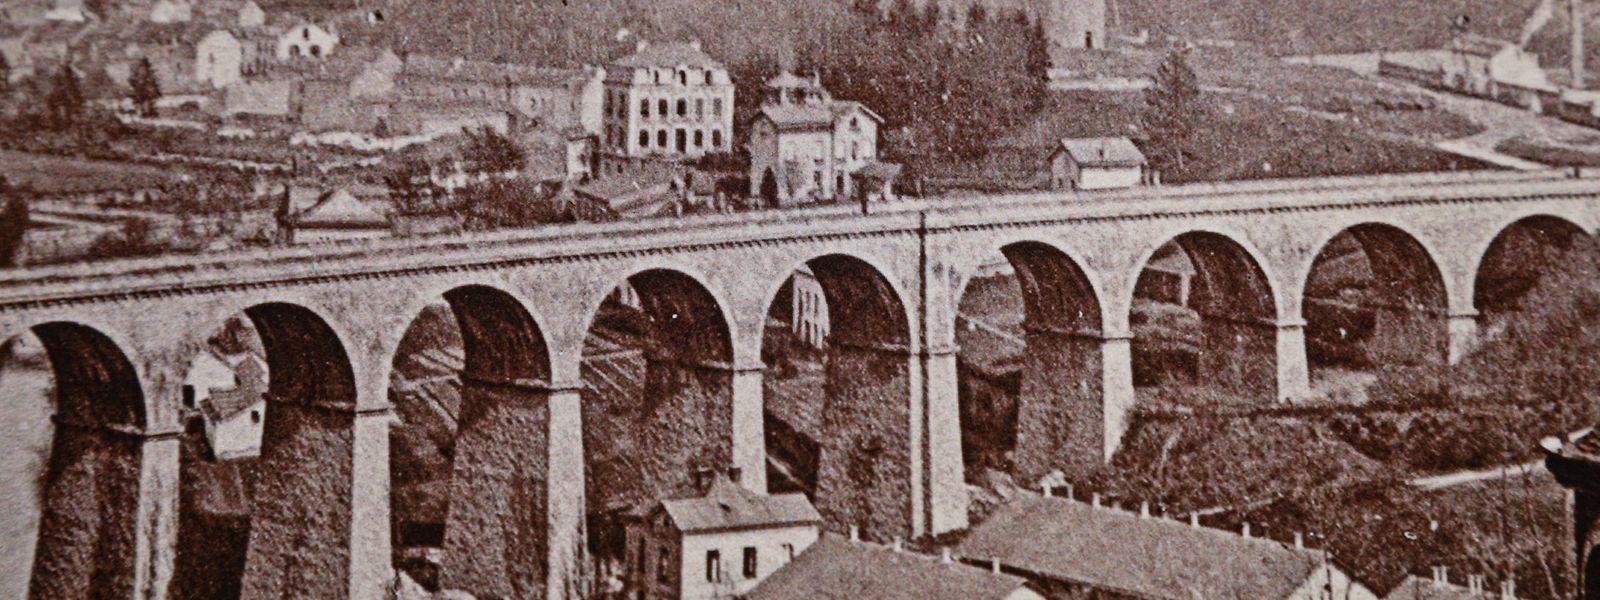 """Blick auf Clausen und Pfaffenthal und immer wieder im Auge der Kamera die Brücke, über die der """"Feierwon"""" fährt und dabei Reisende nach Luxemburg bringt."""